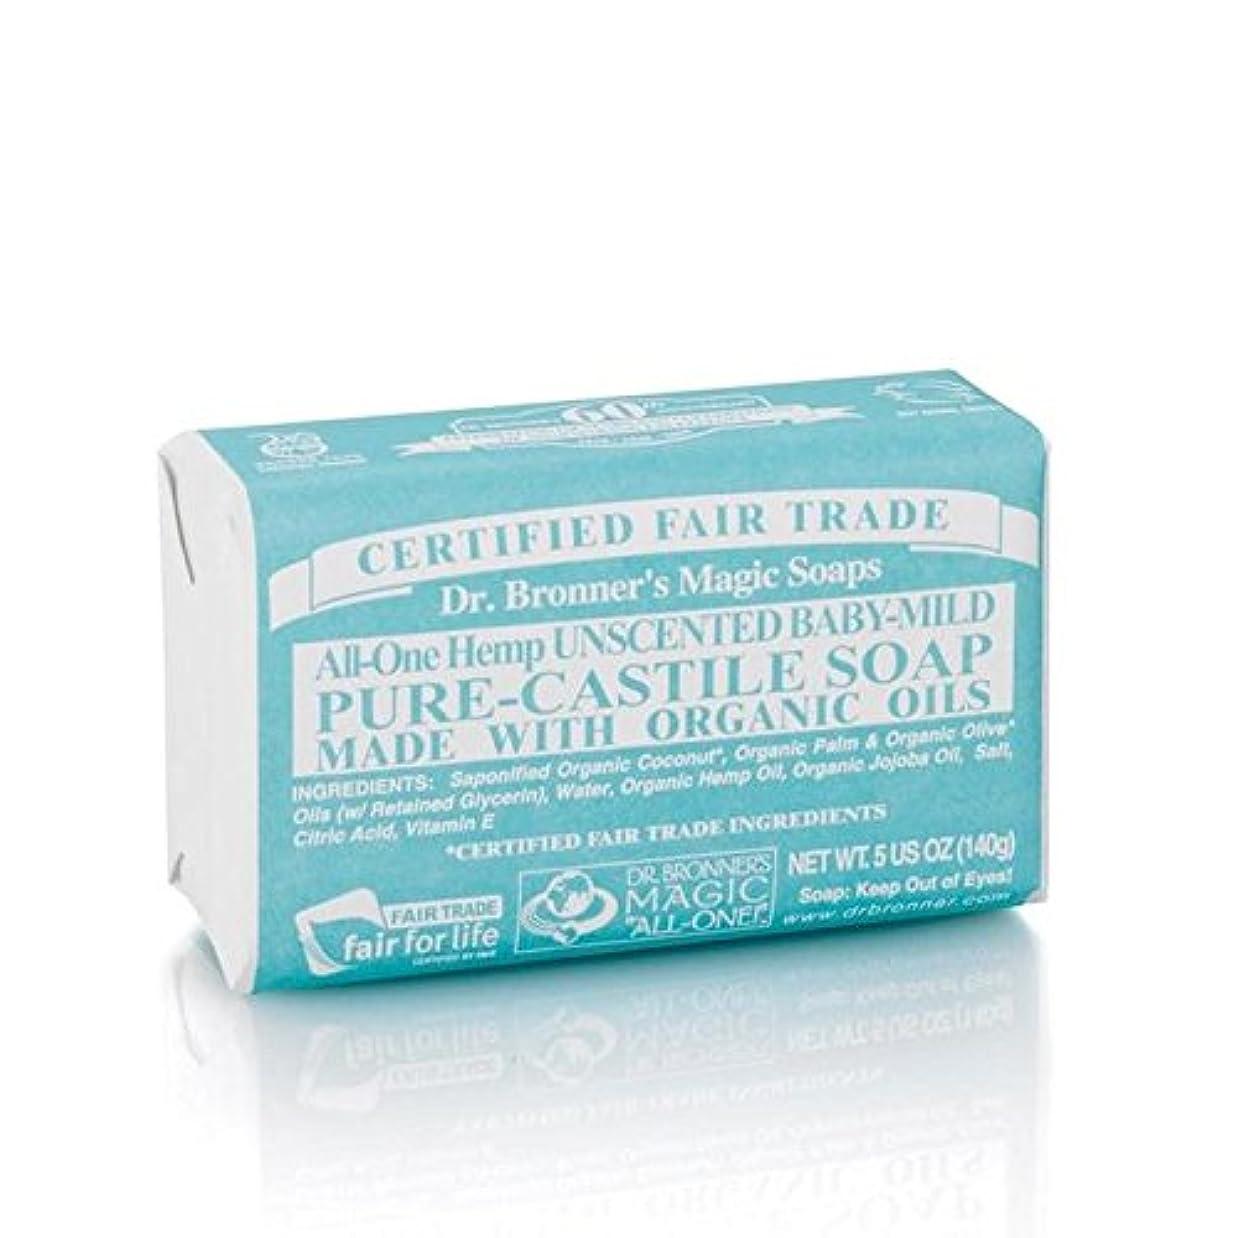 一時解雇する積極的に桁のブロナーオーガニックベビーマイルドソープバー140グラム x2 - Dr Bronner Organic Baby Mild Soap Bar 140g (Pack of 2) [並行輸入品]